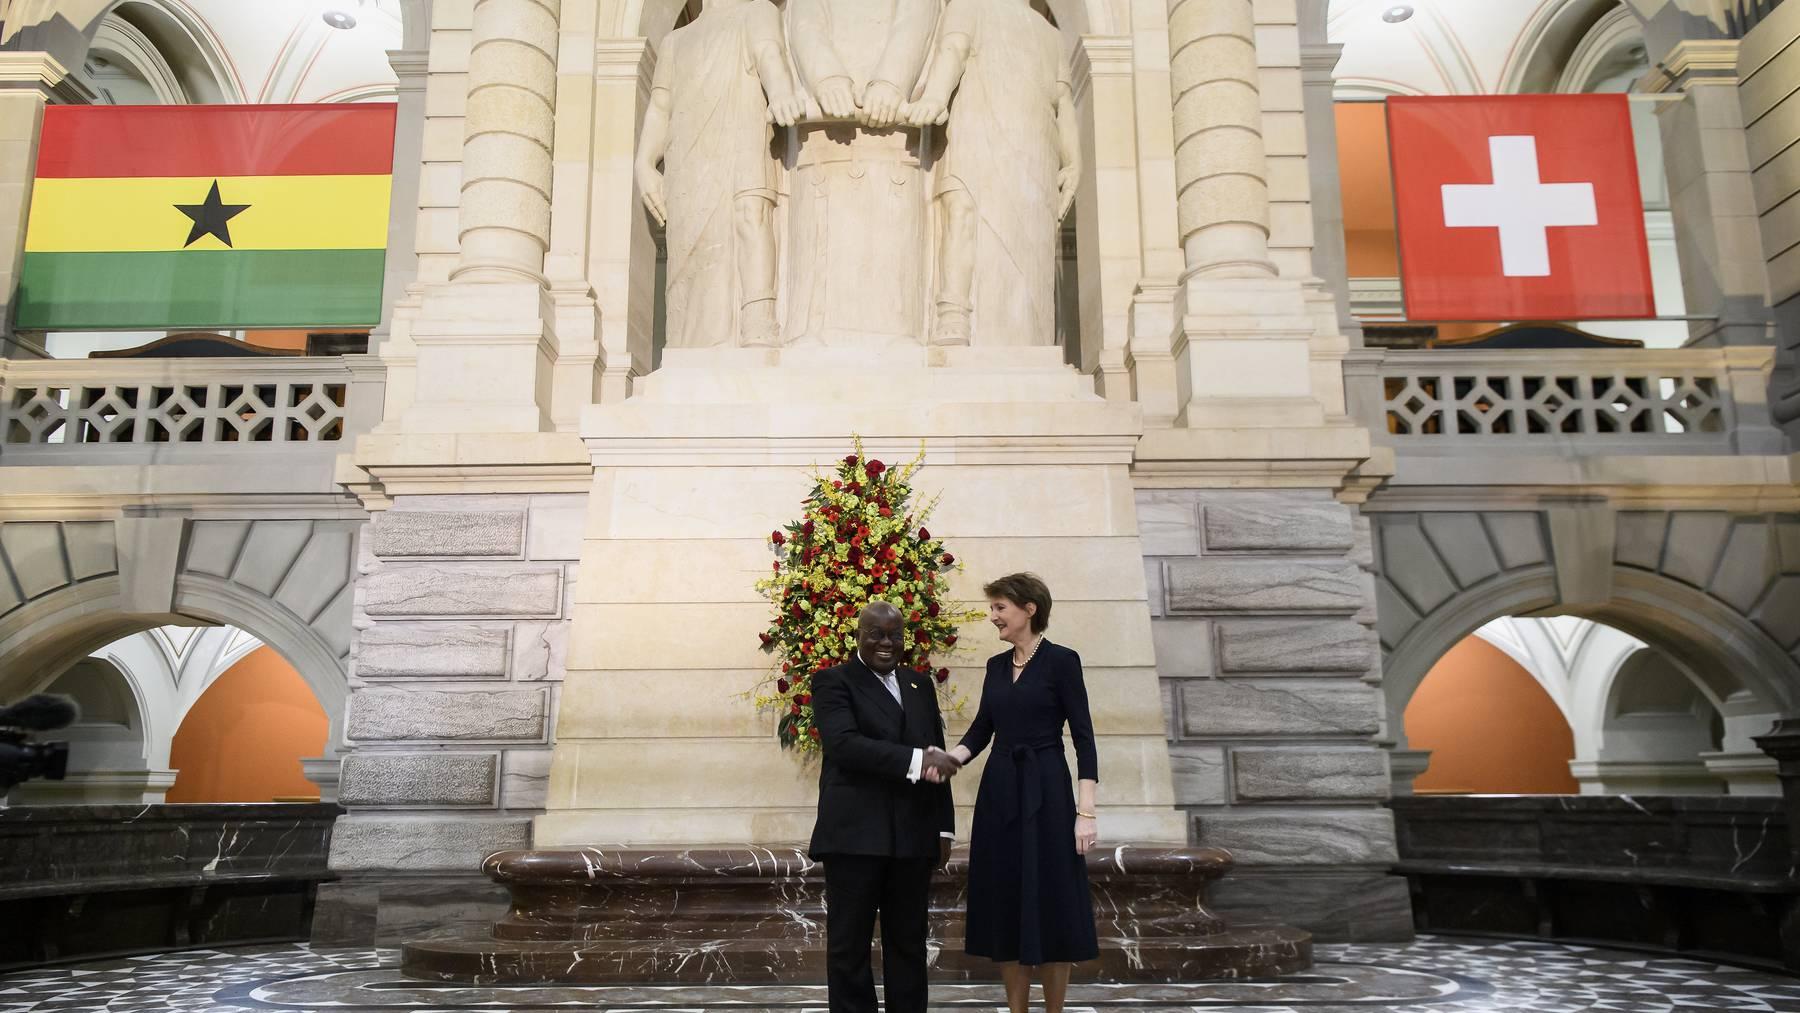 Die Beziehungen der beiden Länder sind eng: Erst im Februar hatte die Schweiz Ghanas Präsidenten Nana Akufo-Addo empfangen.